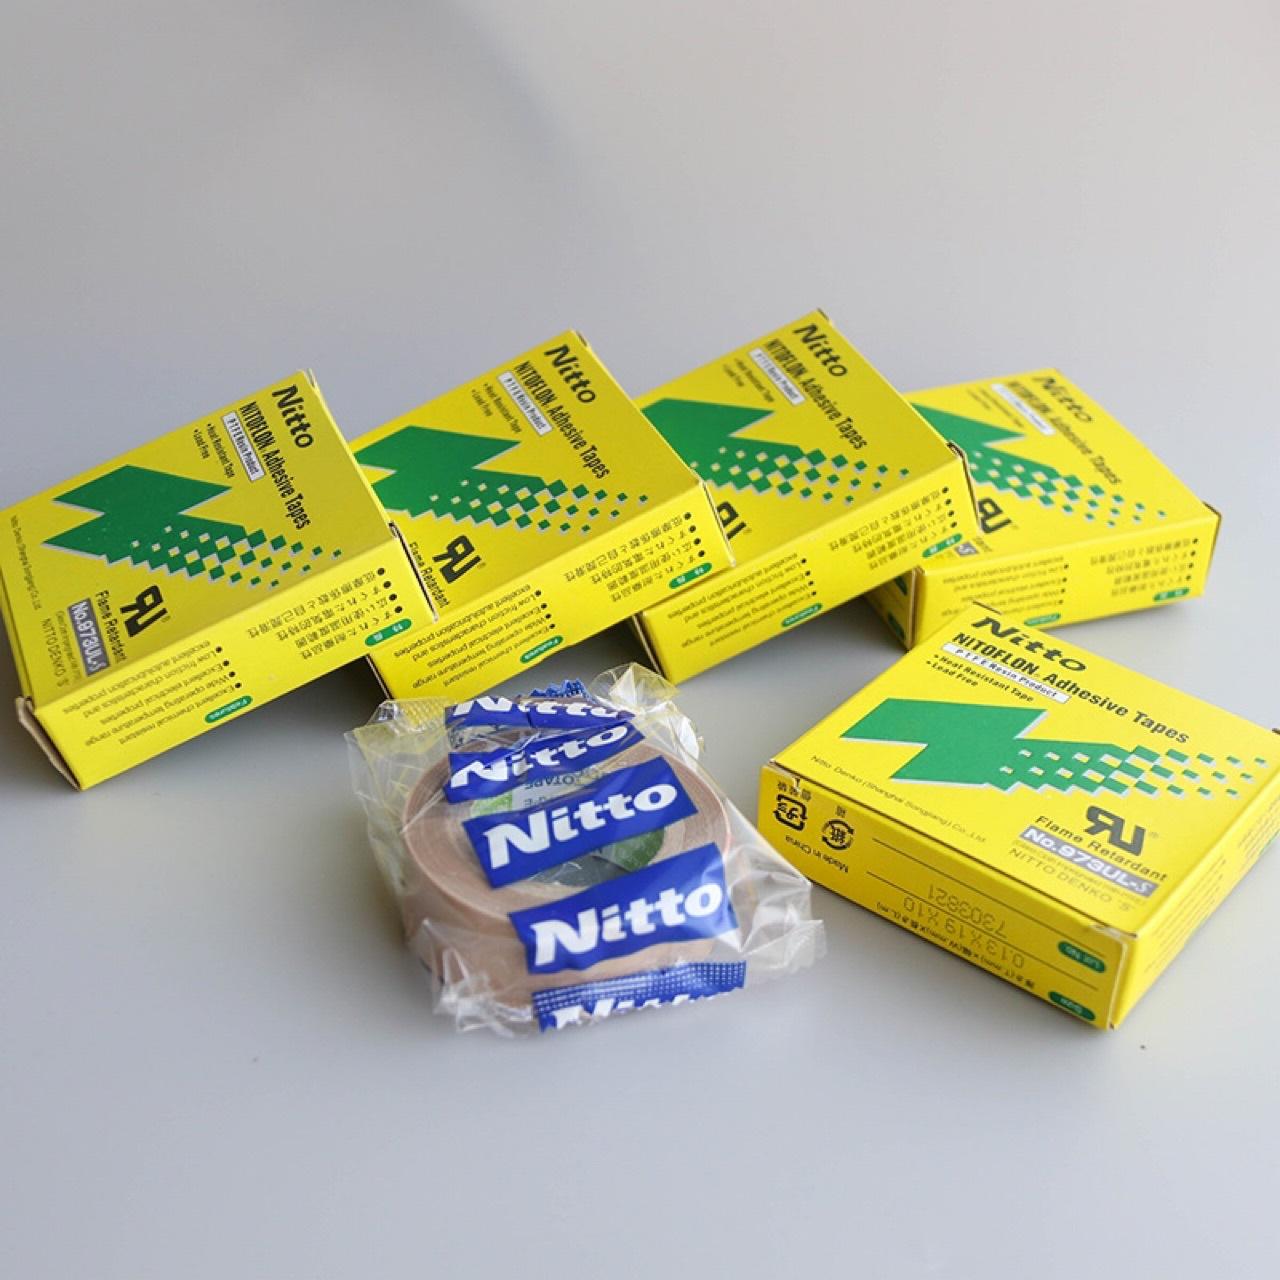 Nitto Keo dán tổng hợp 973ul-s thương hiệu băng Teflon T nhiệt độ cao chịu nhiệt băng niêm phong máy